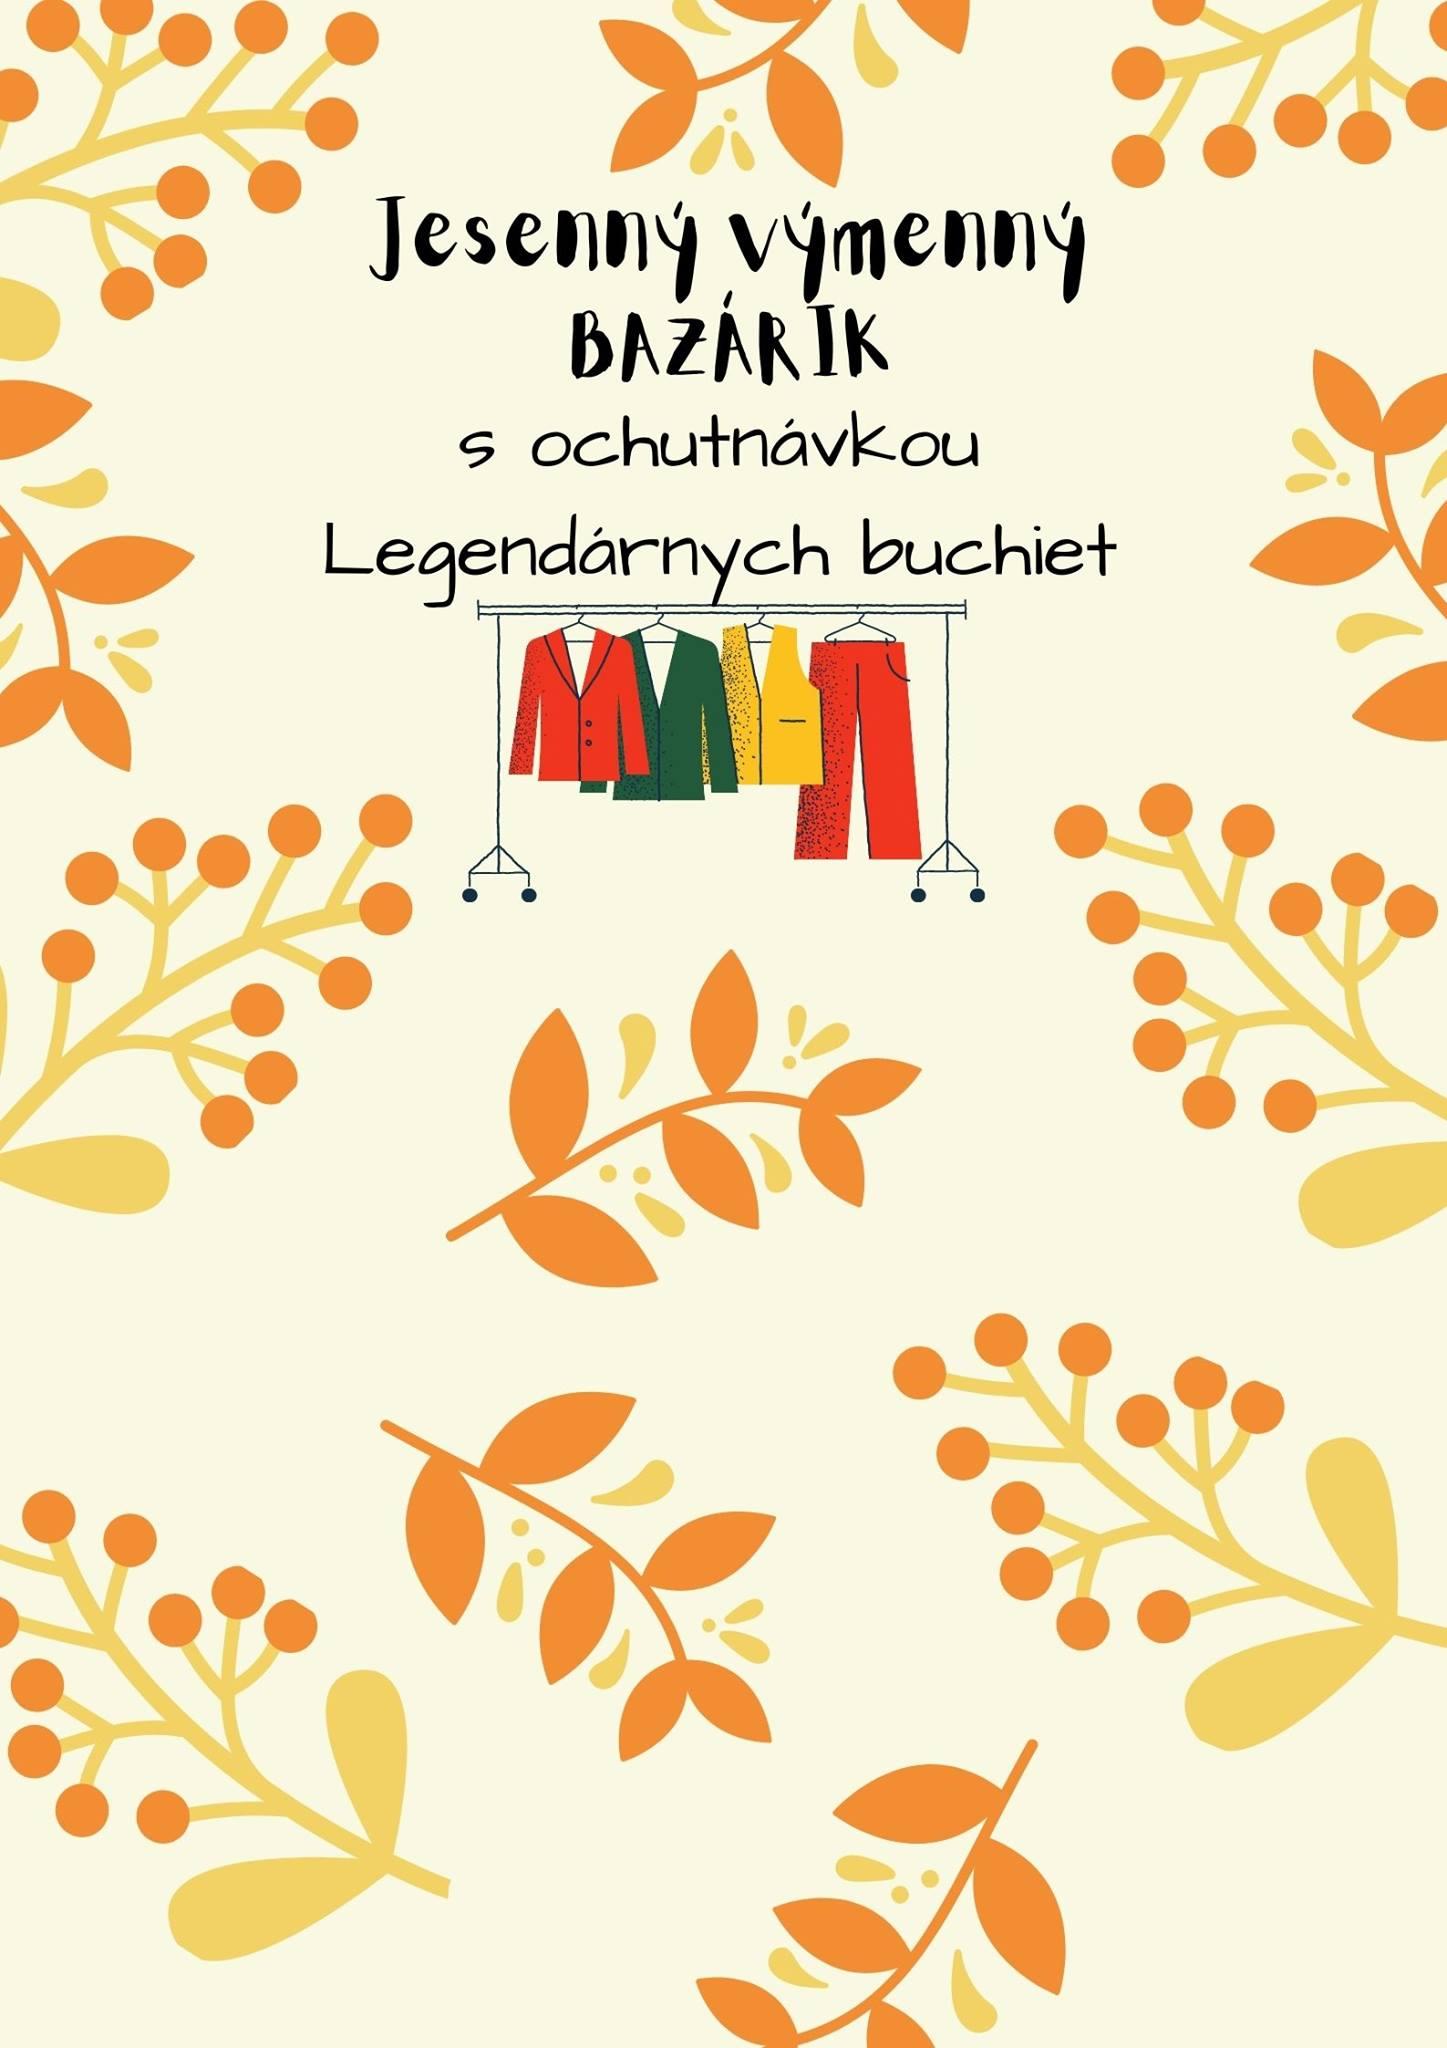 Jesenný výmenný bazárik s ochutnávkou Legendárnych buchiet